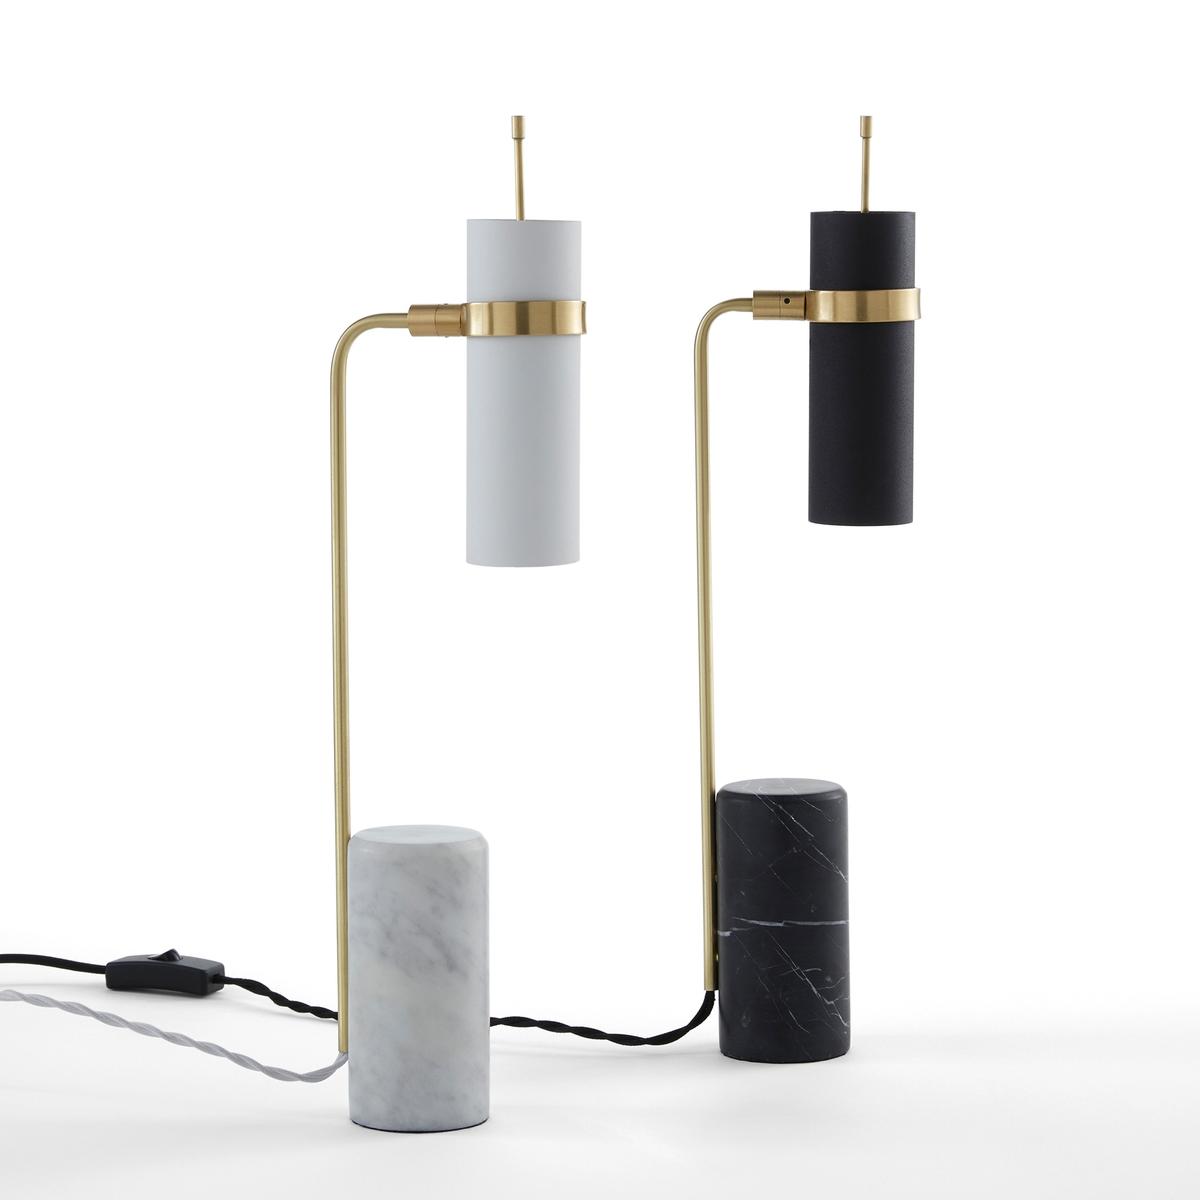 Лампа настольная, IsaureНастольная лампа Isaure. Замечательное сочетание окрашенного металла и латуни, лампа идеально подходит для направленного освещения письменного стола или столика. Имеется модель из мрамора белого и черного цветов.Характеристики: - Основание из мрамора: каждое изделие уникально, рисунок разных изделий может отличаться.- Поворачивающийся абажур из металла с зернистой поверхностью.- Ножка из металла с отделкой под латунь, ?8 см- Патрон G9 для лампы макс. 18 Вт (продается отдельно). - Совместима с лампами класса энергопотребления C.Размеры: - ?6,5 x В47 см<br><br>Цвет: белый/латунь